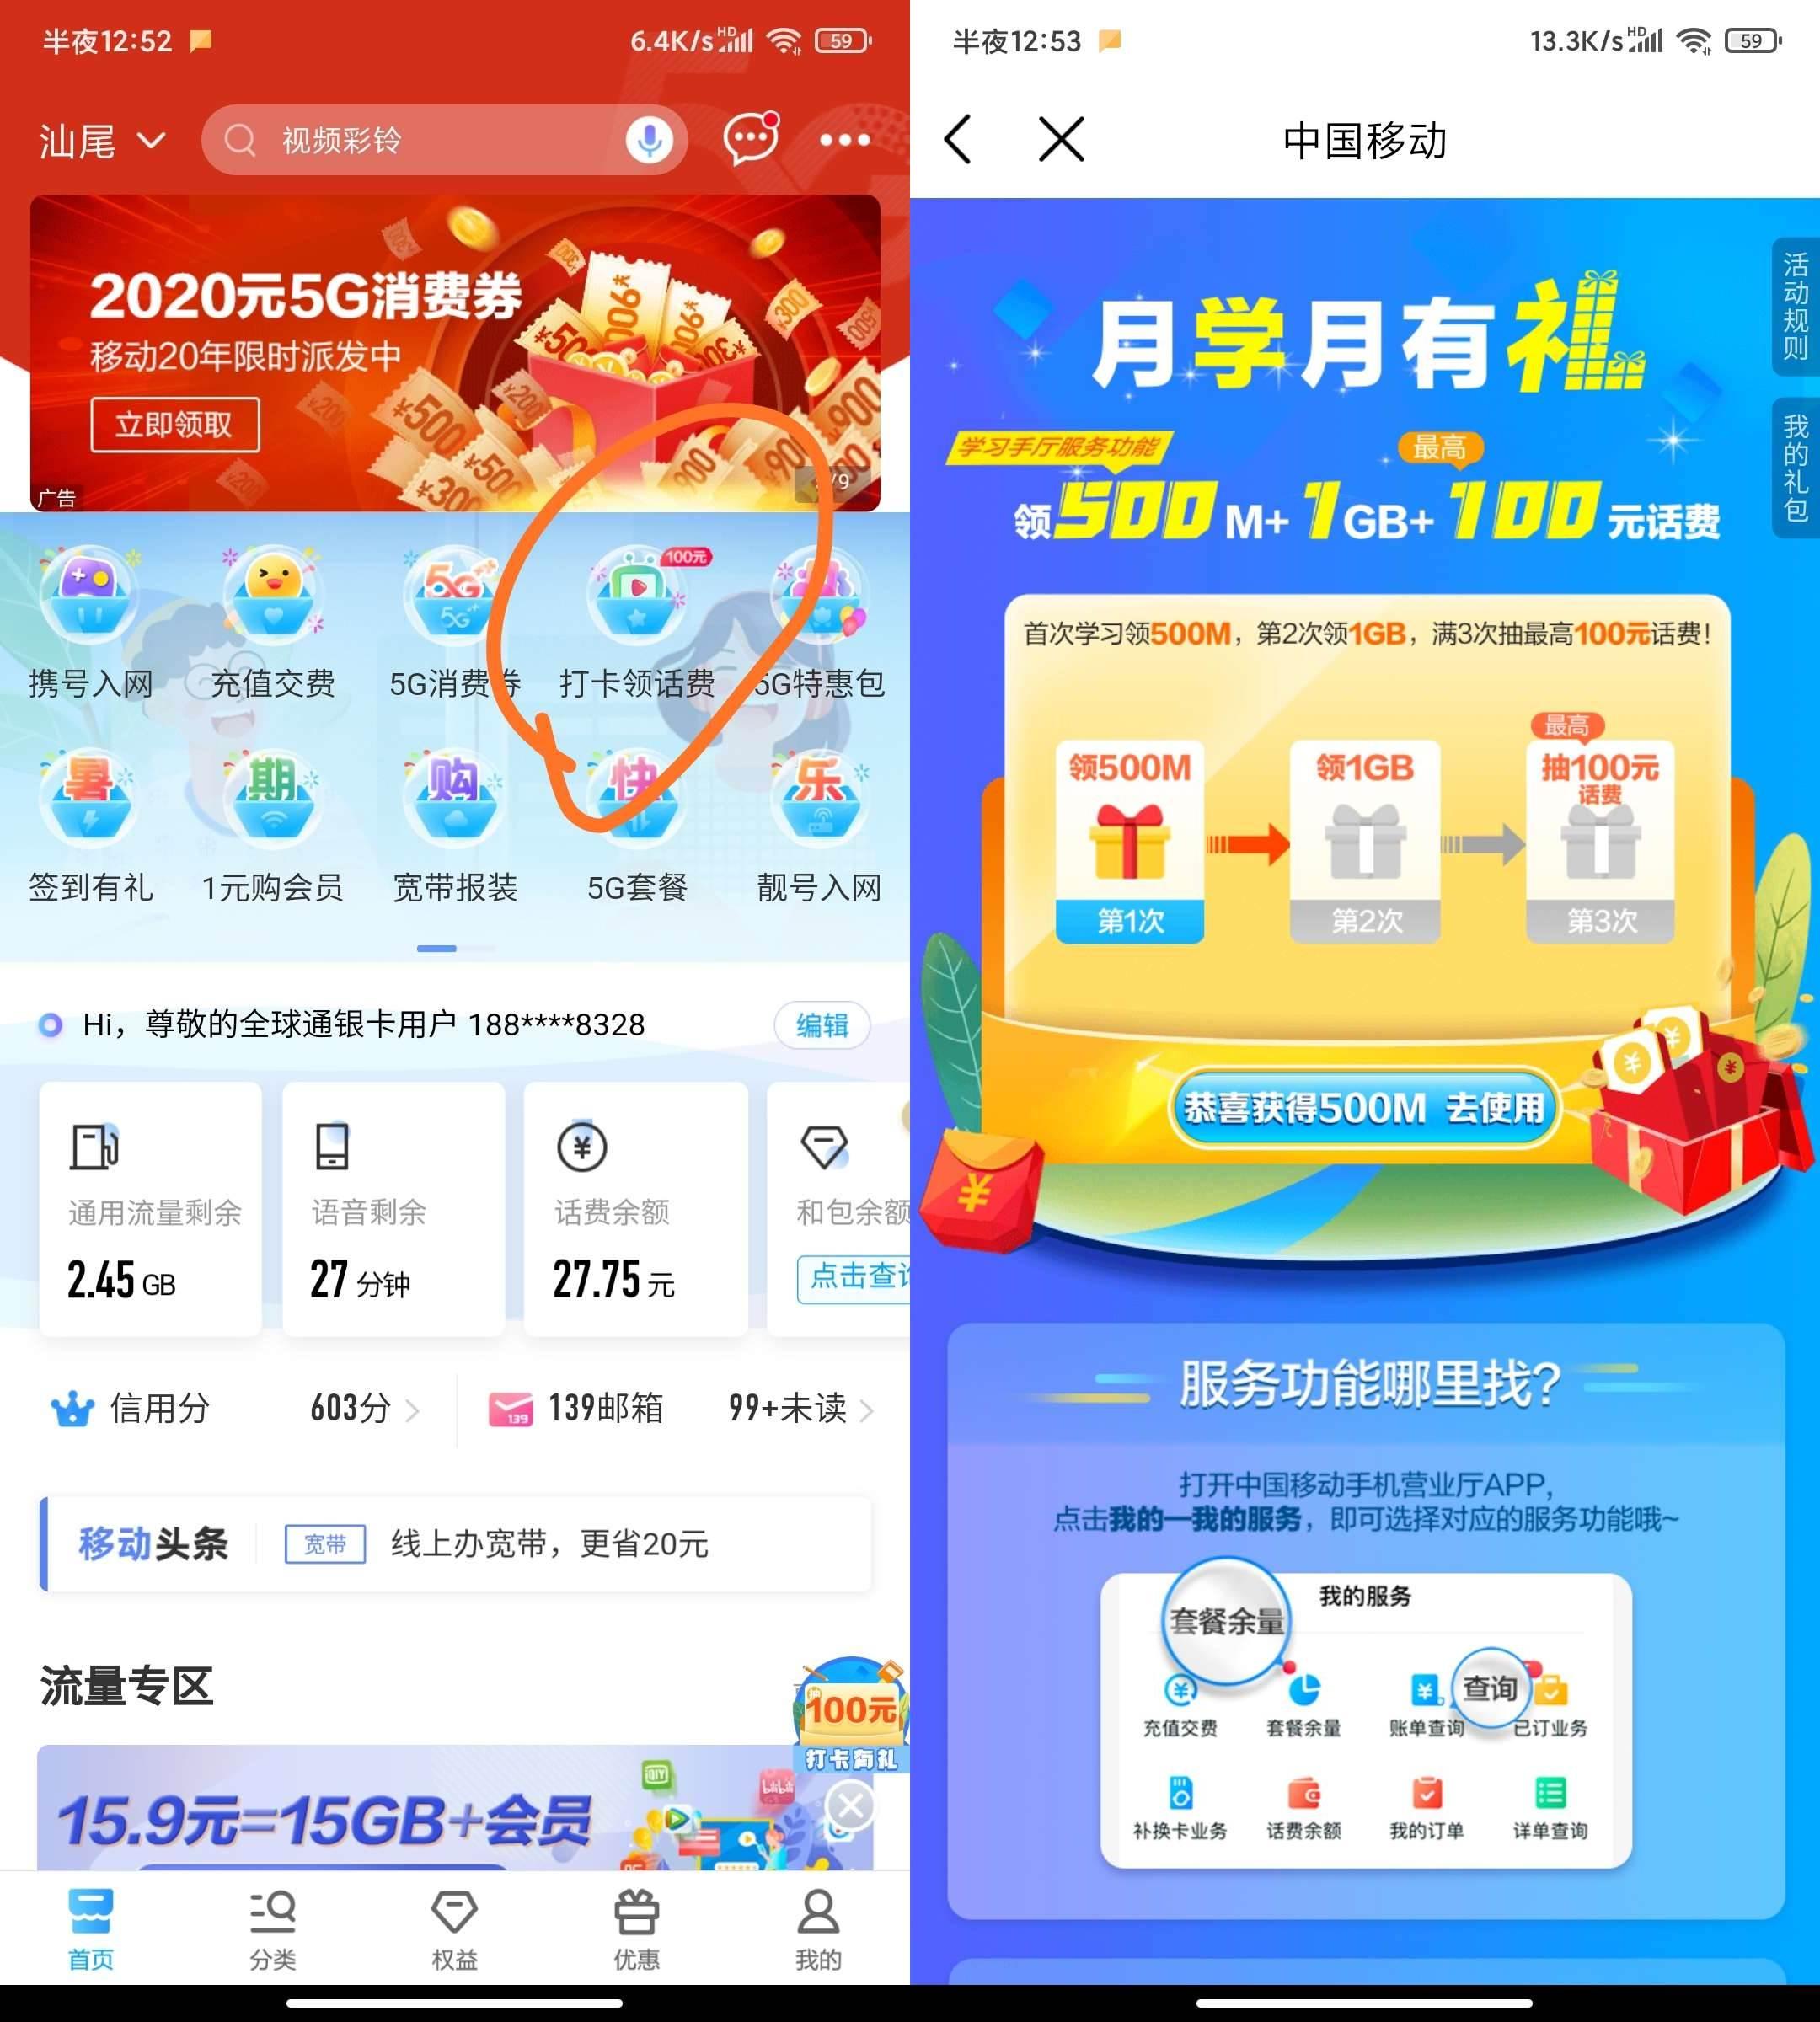 中国移动APP受邀用户领1.5G流量+100元话费抽奖